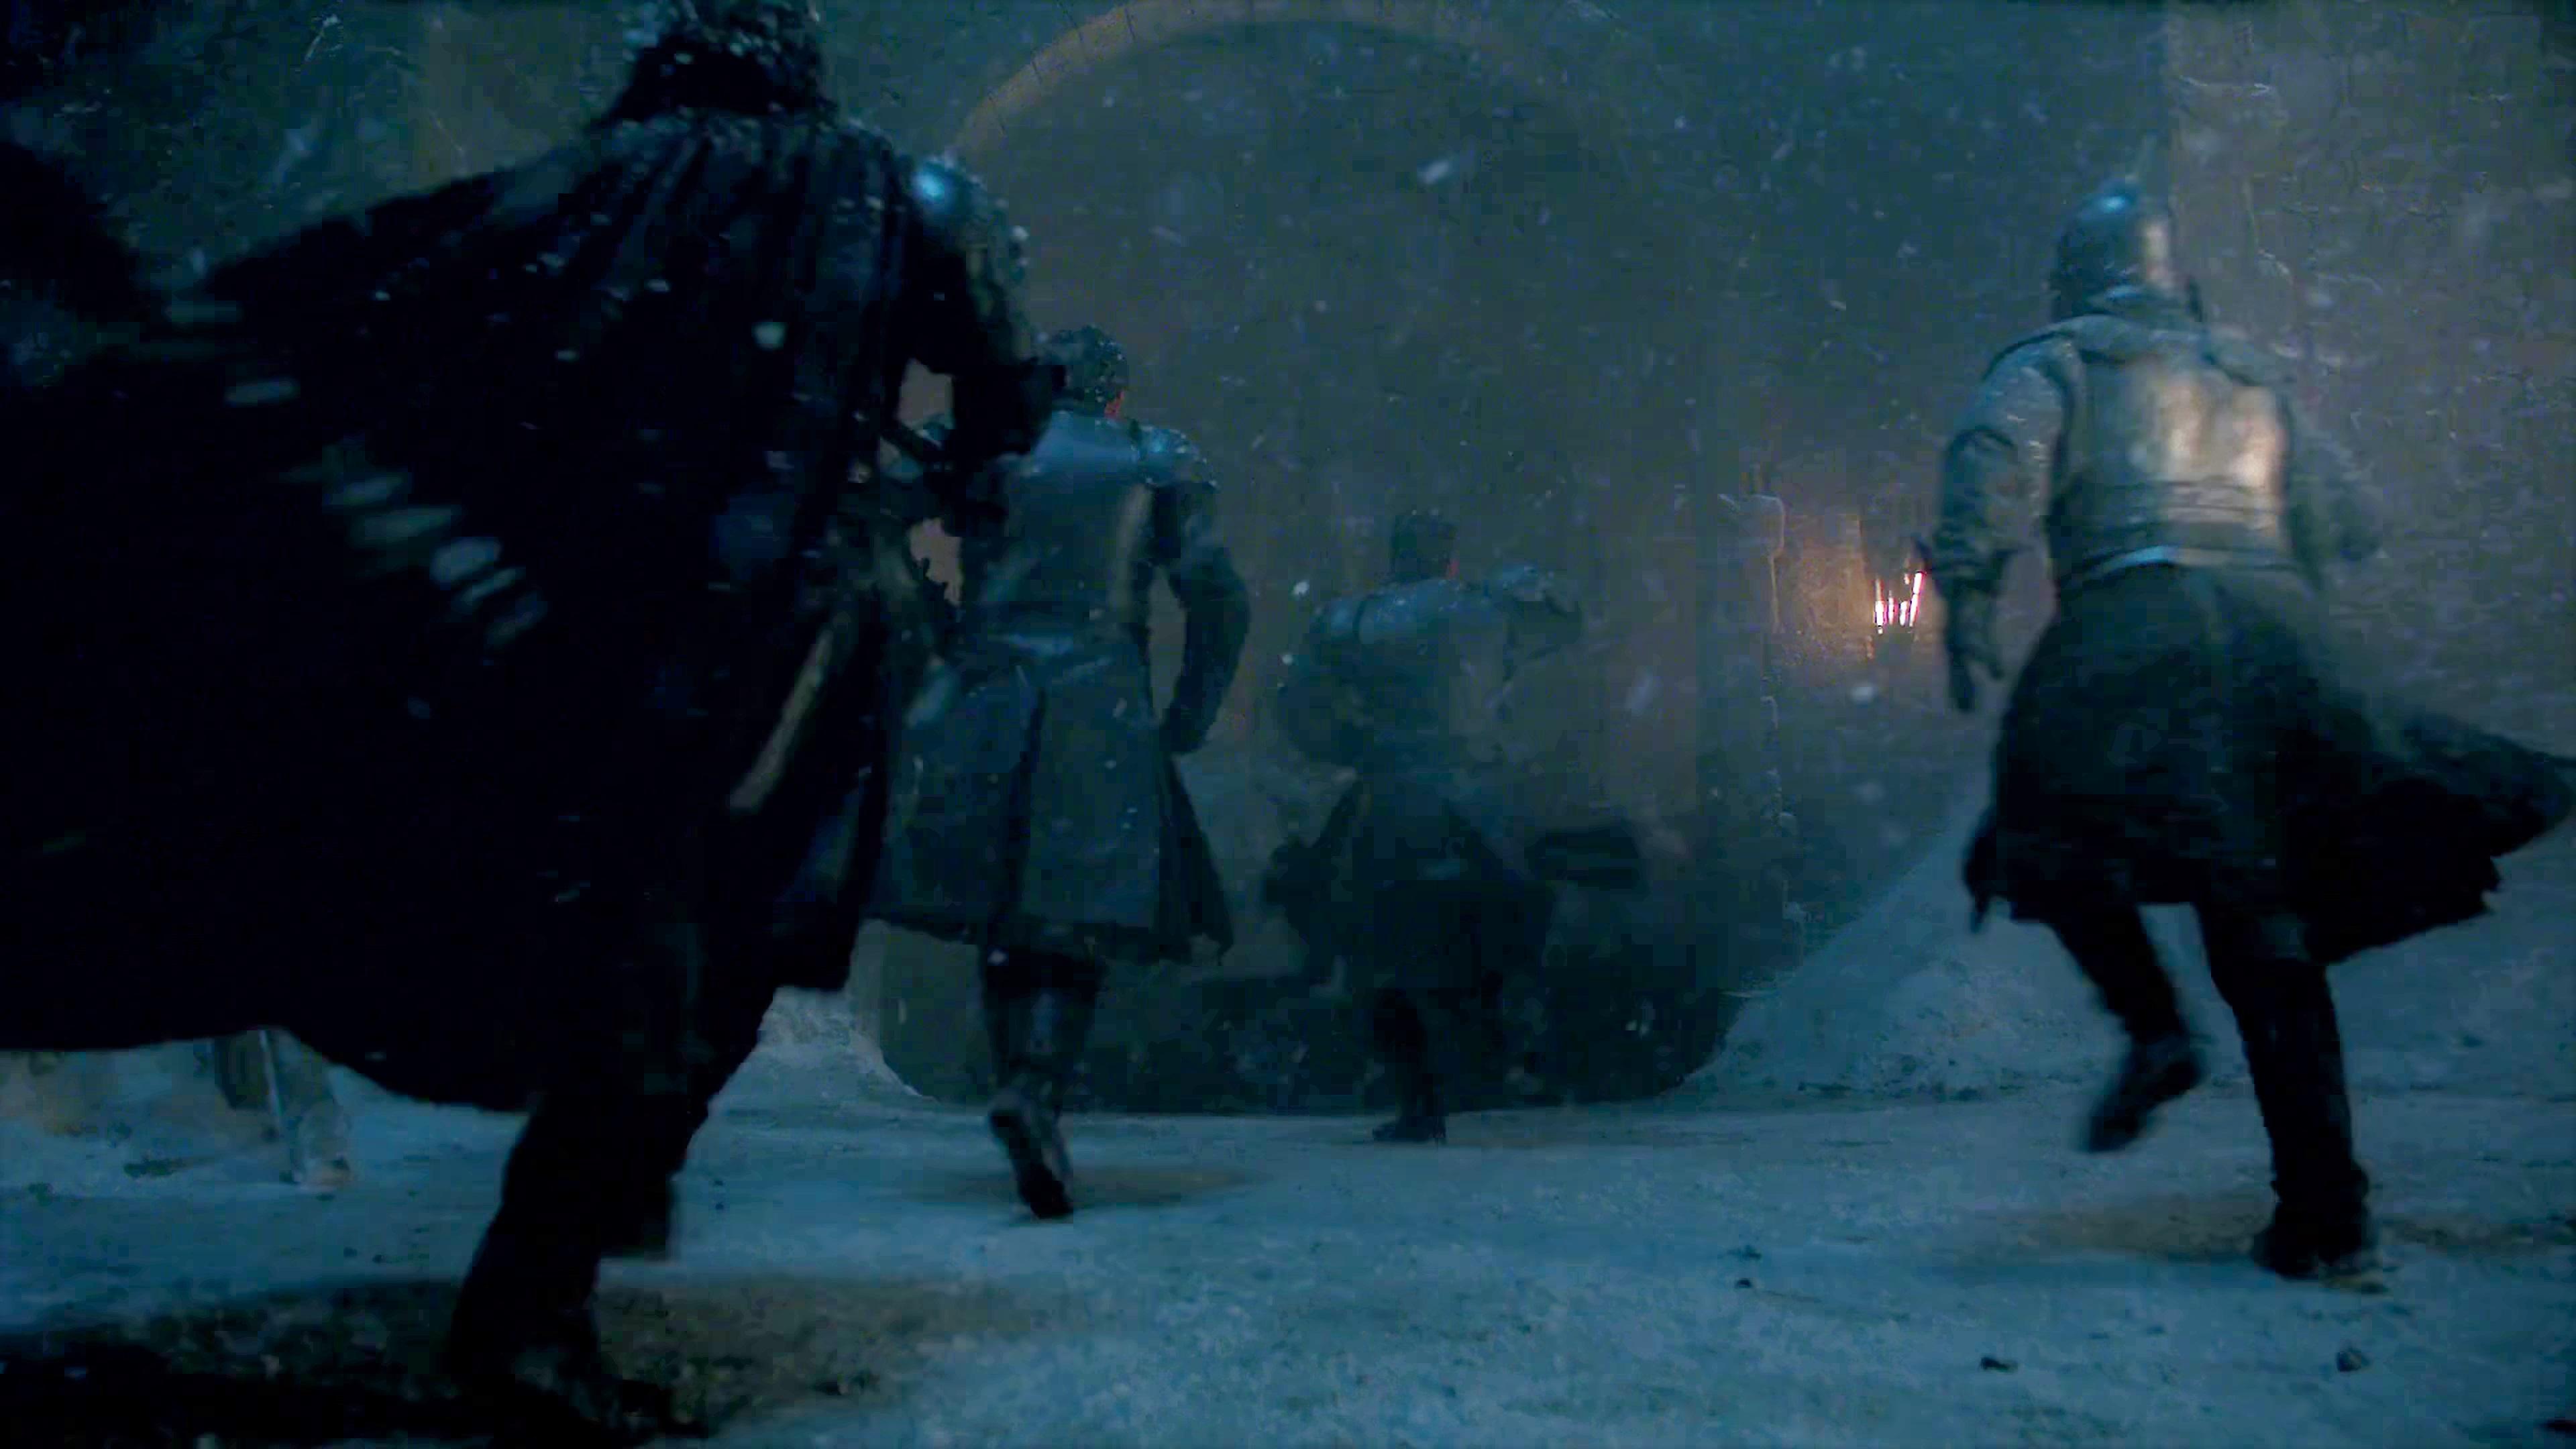 36. Season 8 Trailer Winterfell Battle Knights Vale Closed Gate